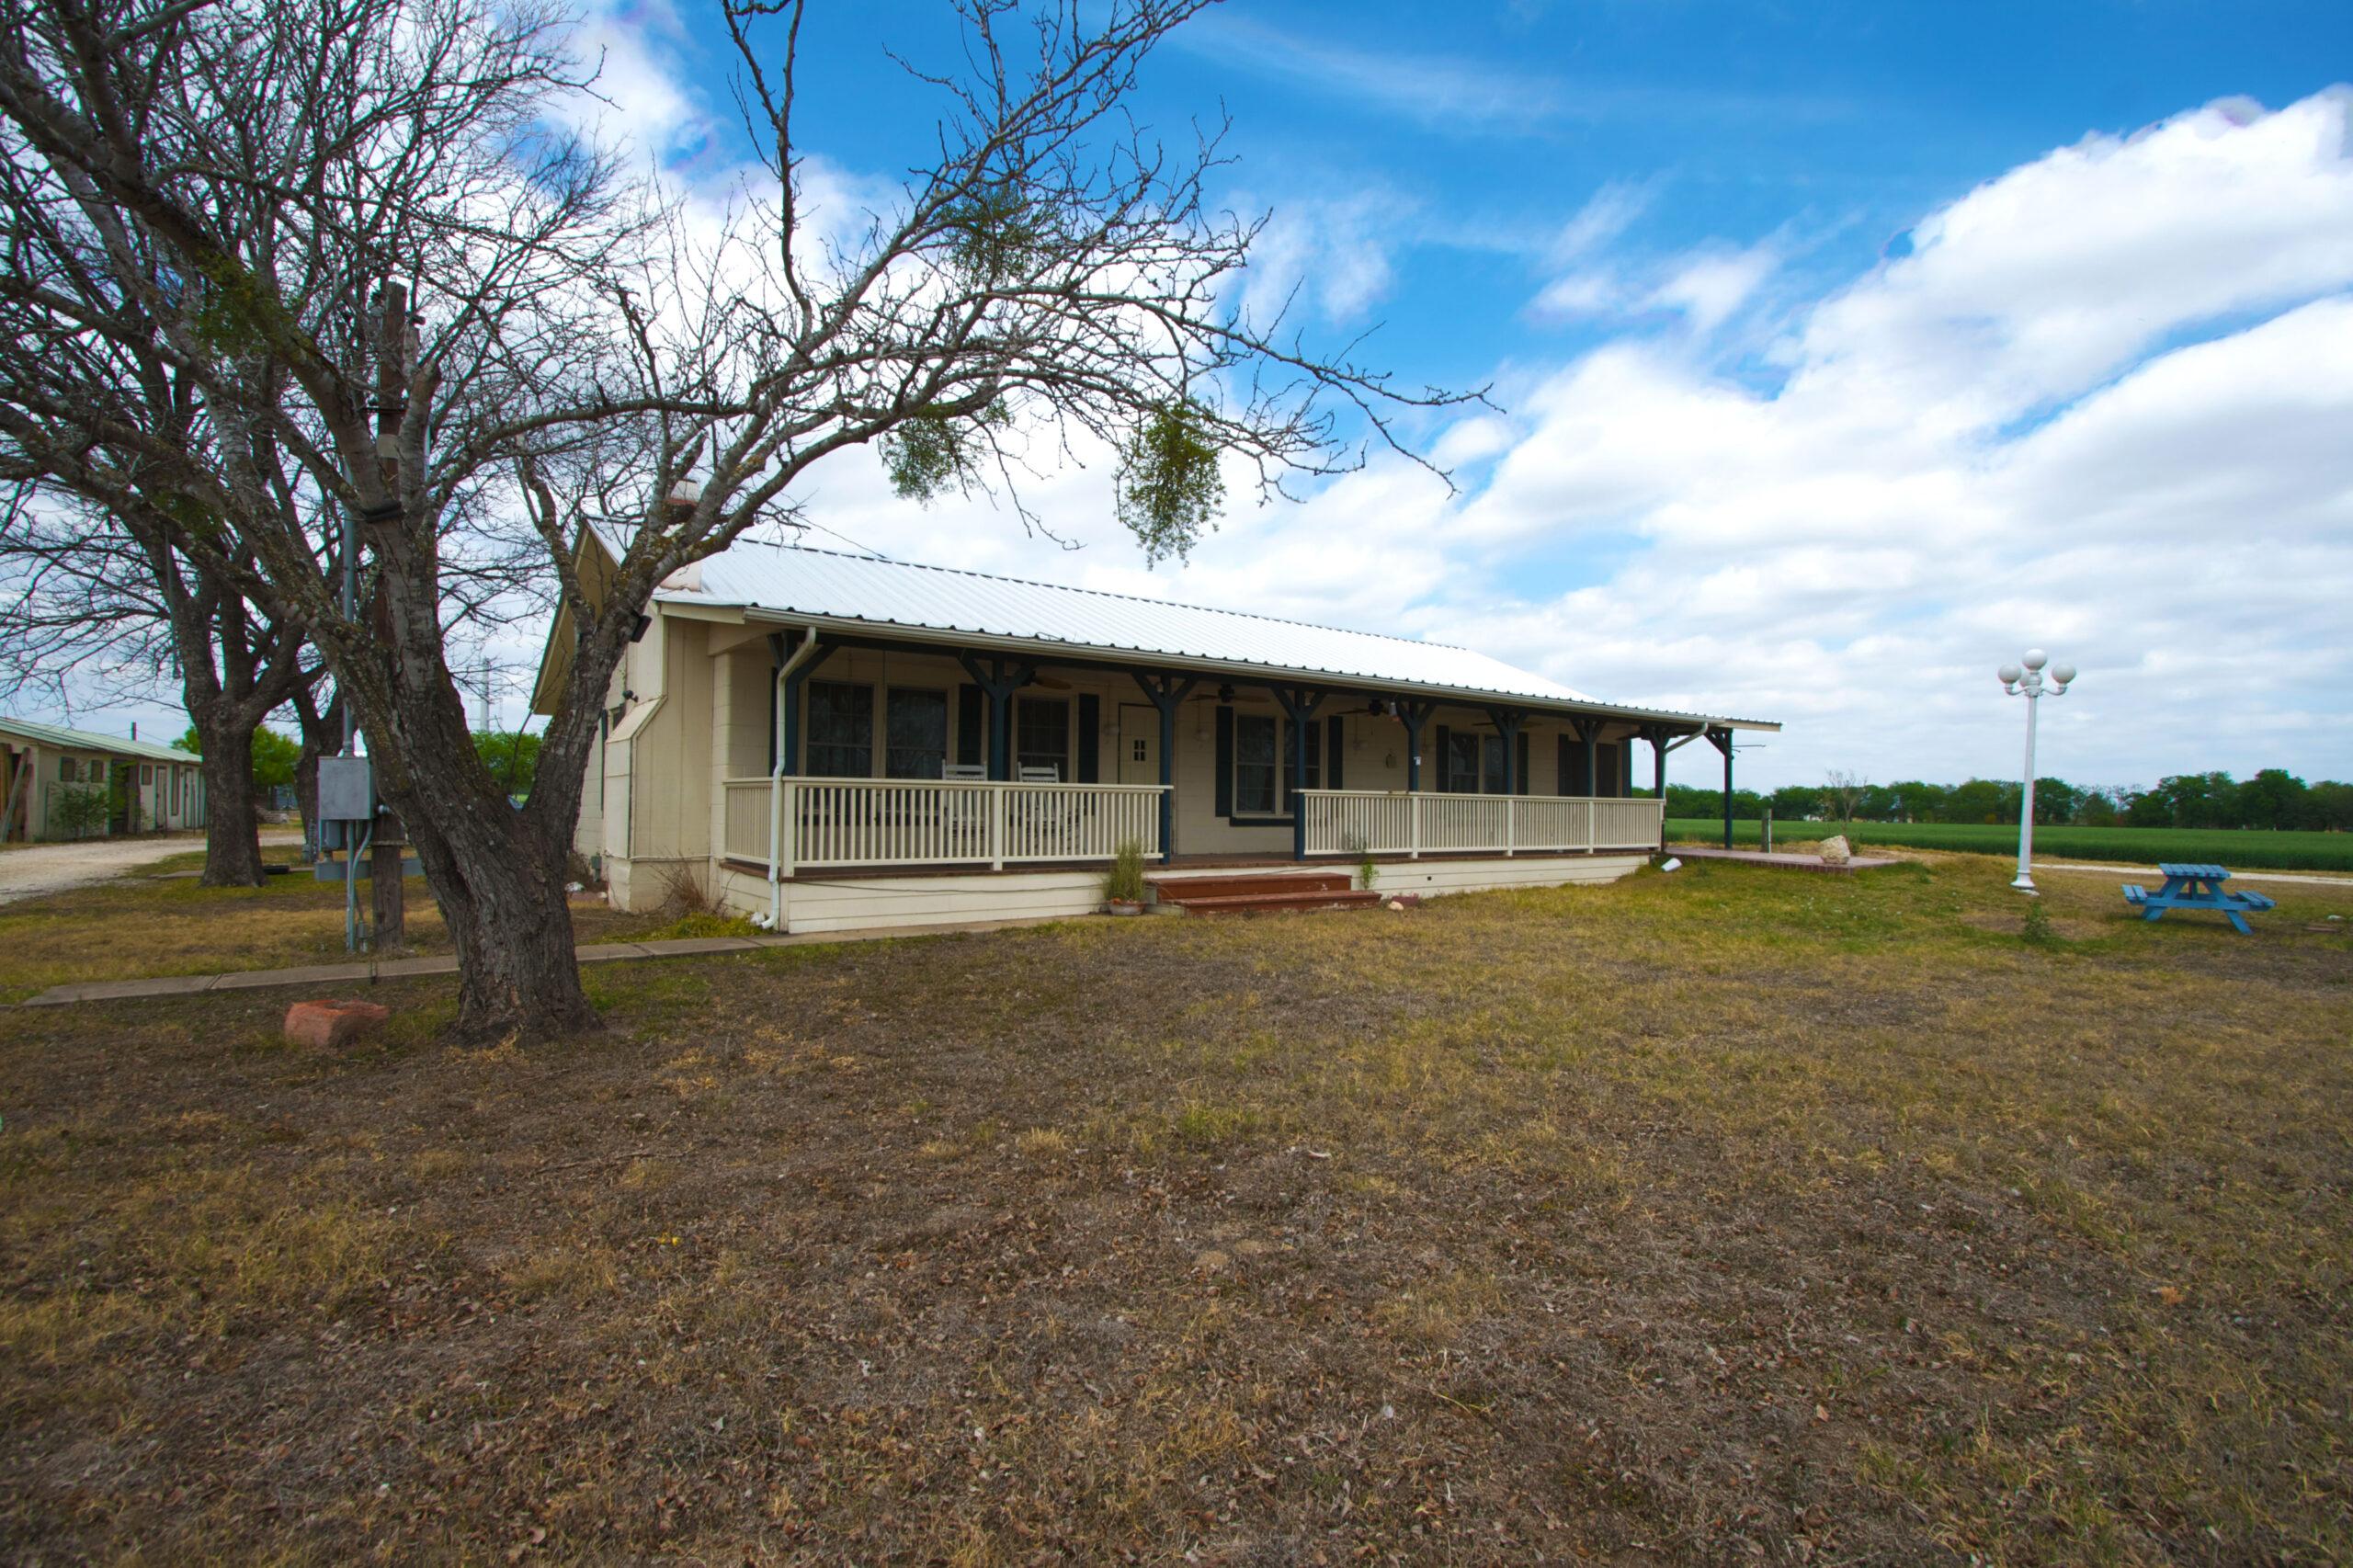 66.65 Acres Farm – Ranch with Water Near Hondo in Medina County